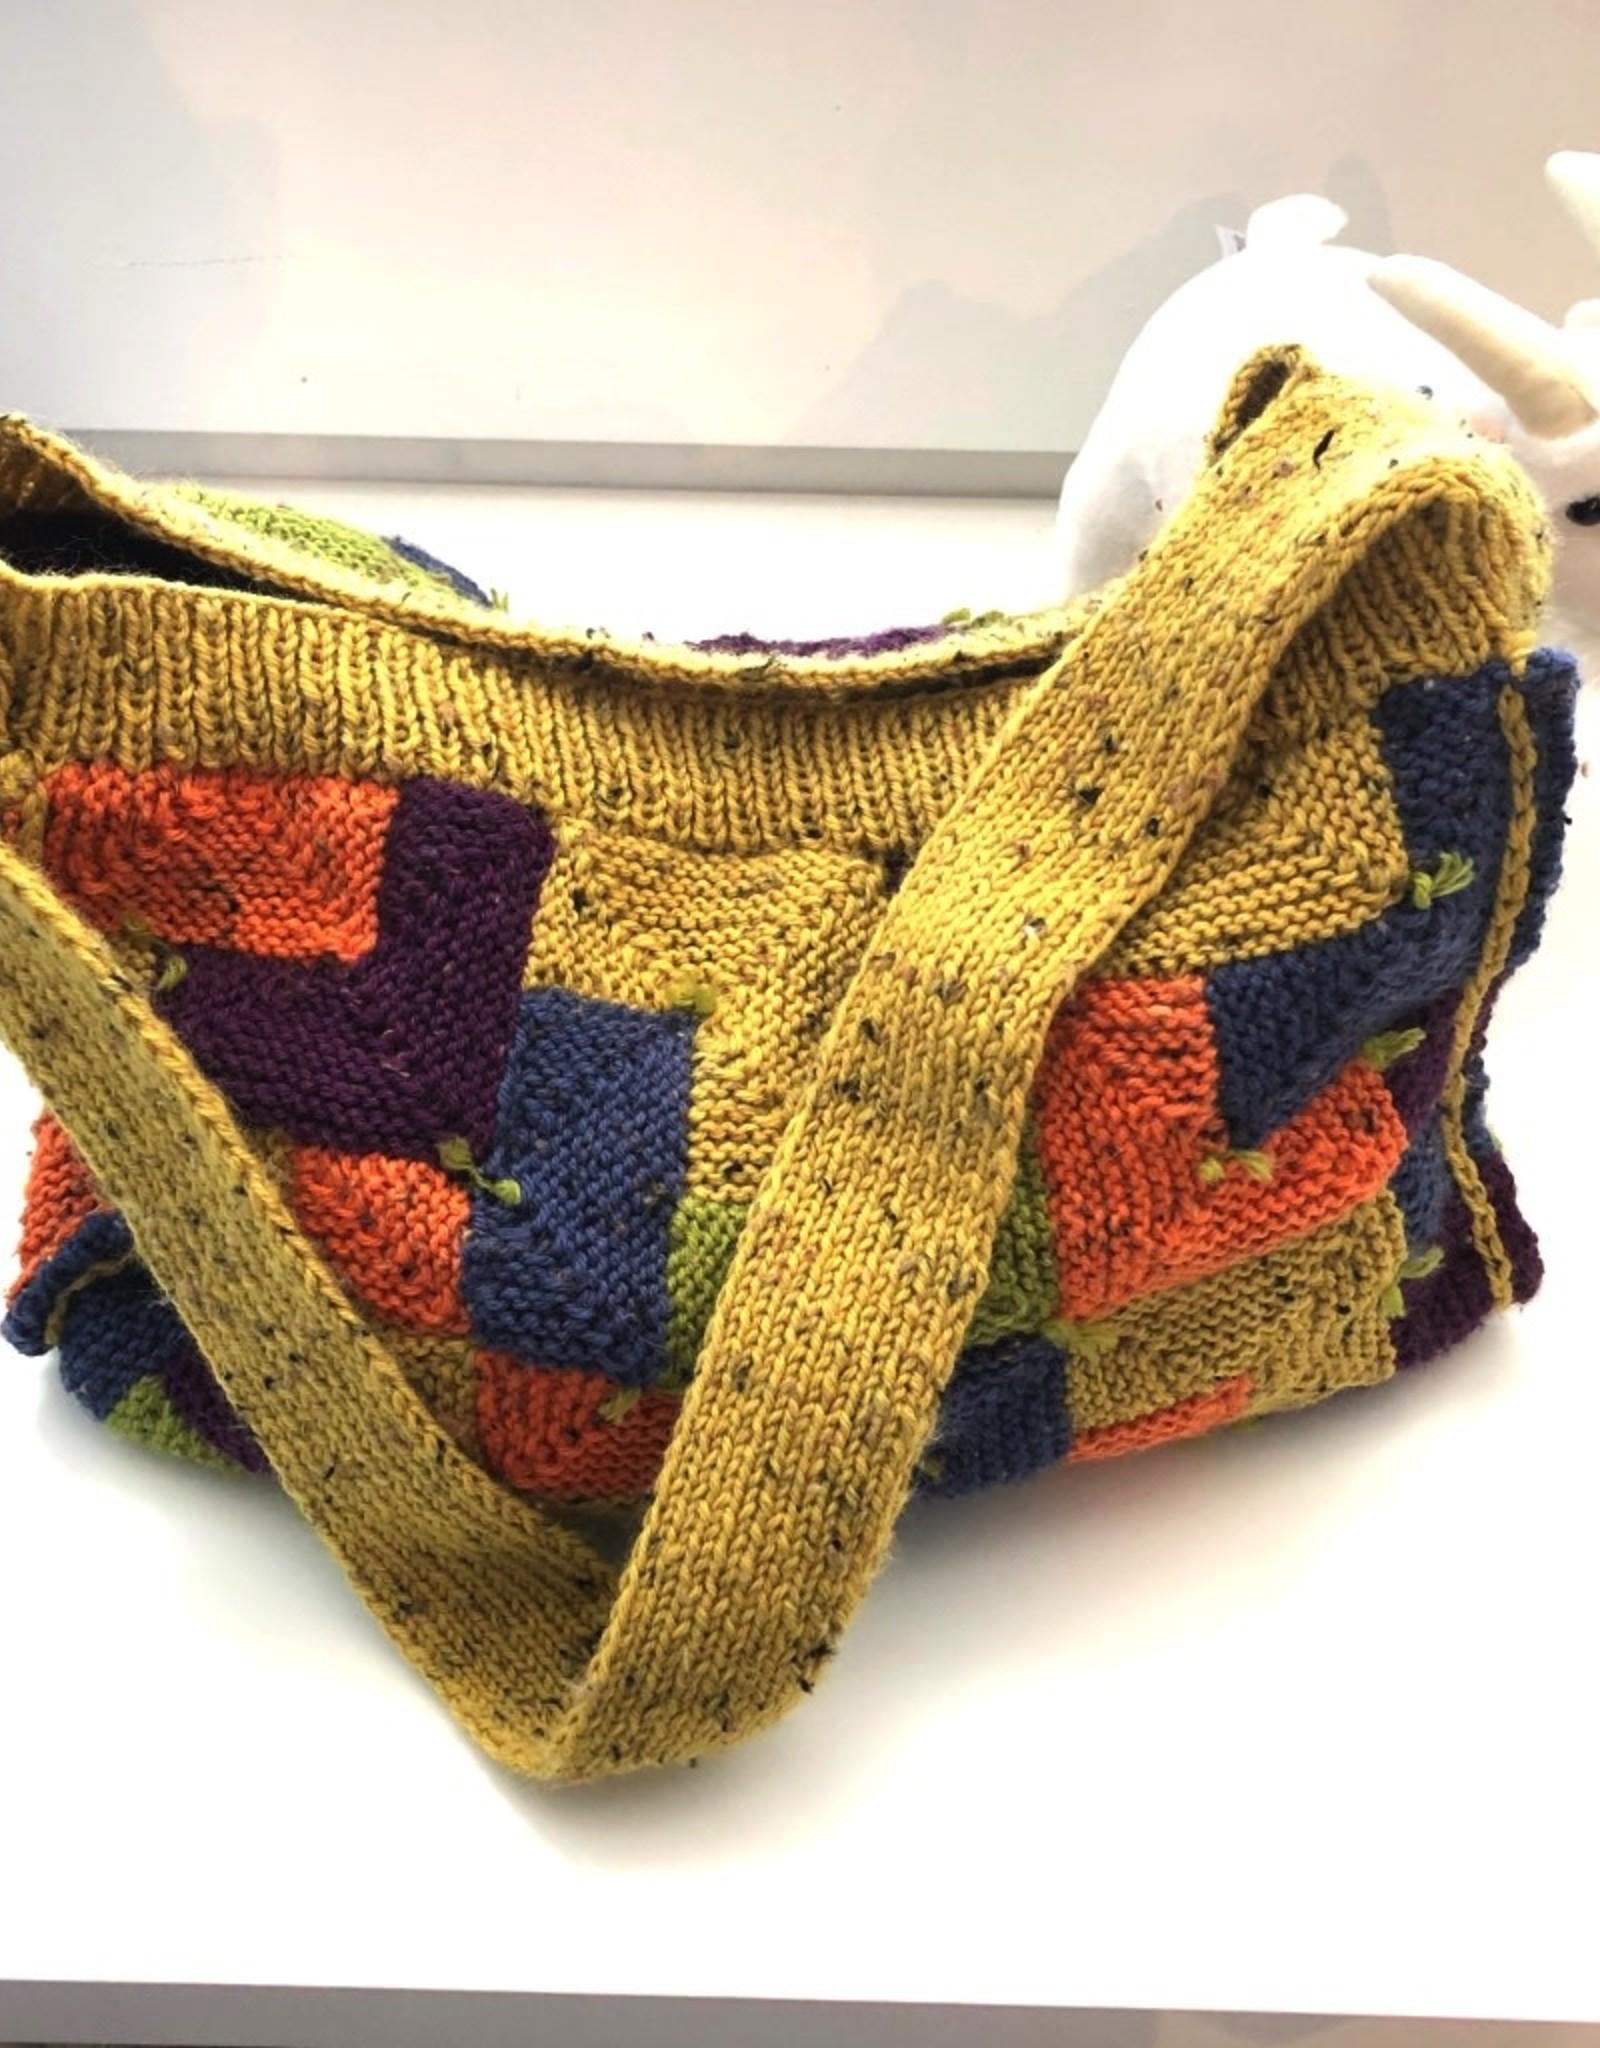 Blocking Knit Bag